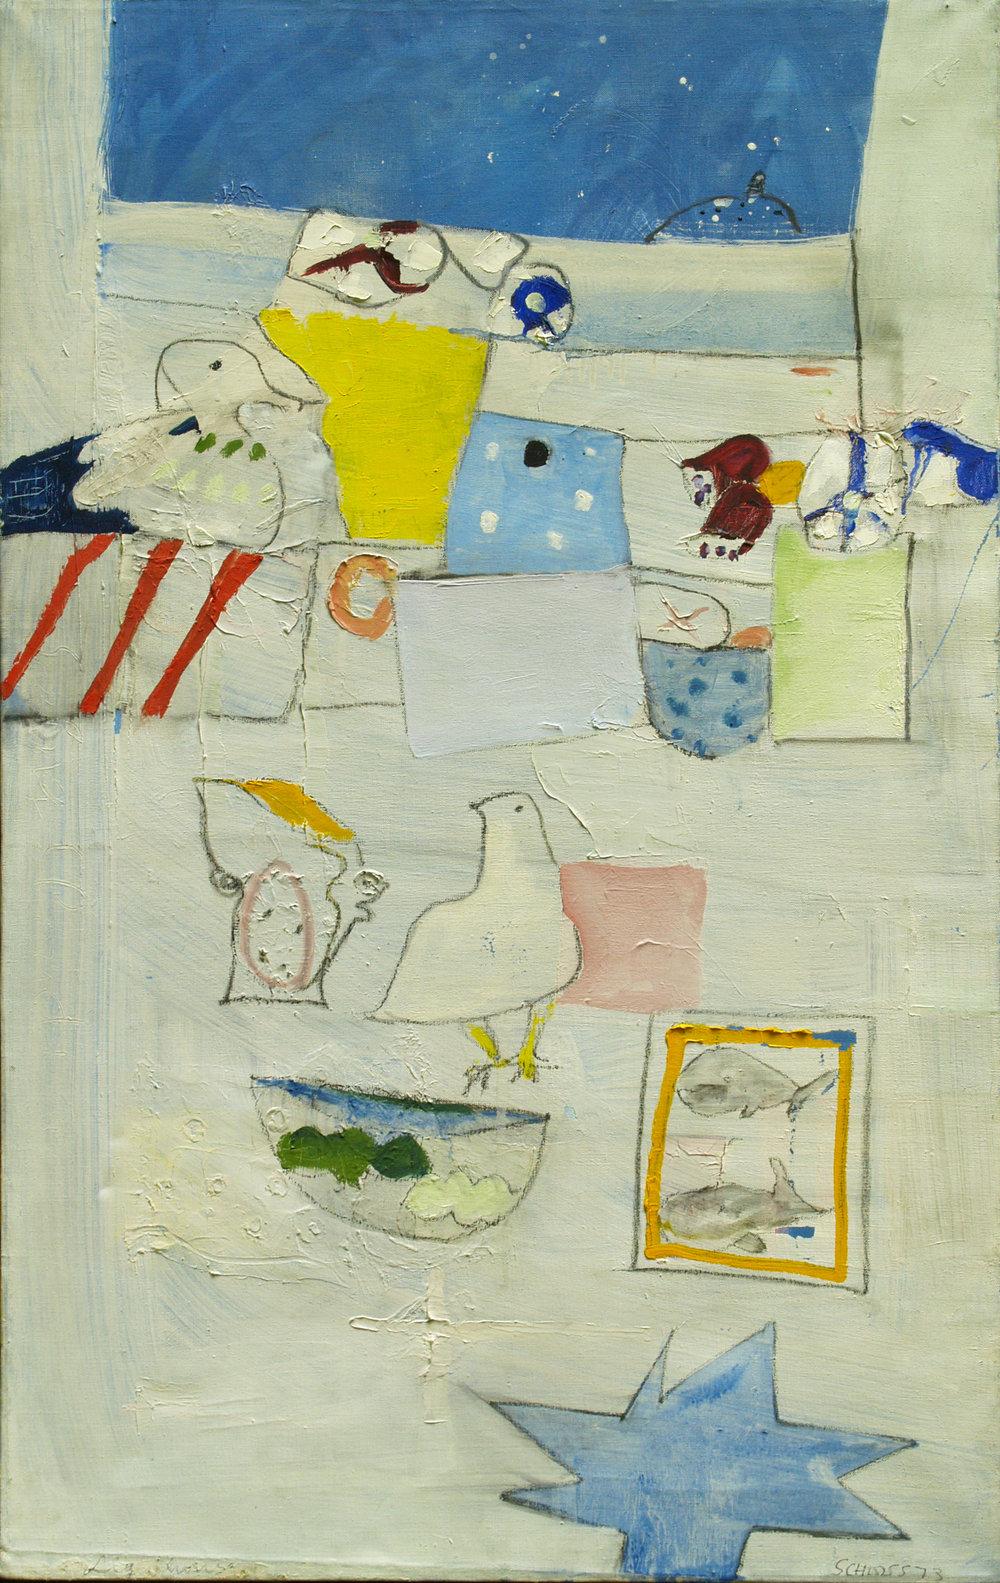 """Edith Schloss, """"Light House,"""" 1973, Oil on canvas, 31 3/8 x 19 ¾ in. (79.7 x 50.2 cm) (_102-1900)"""